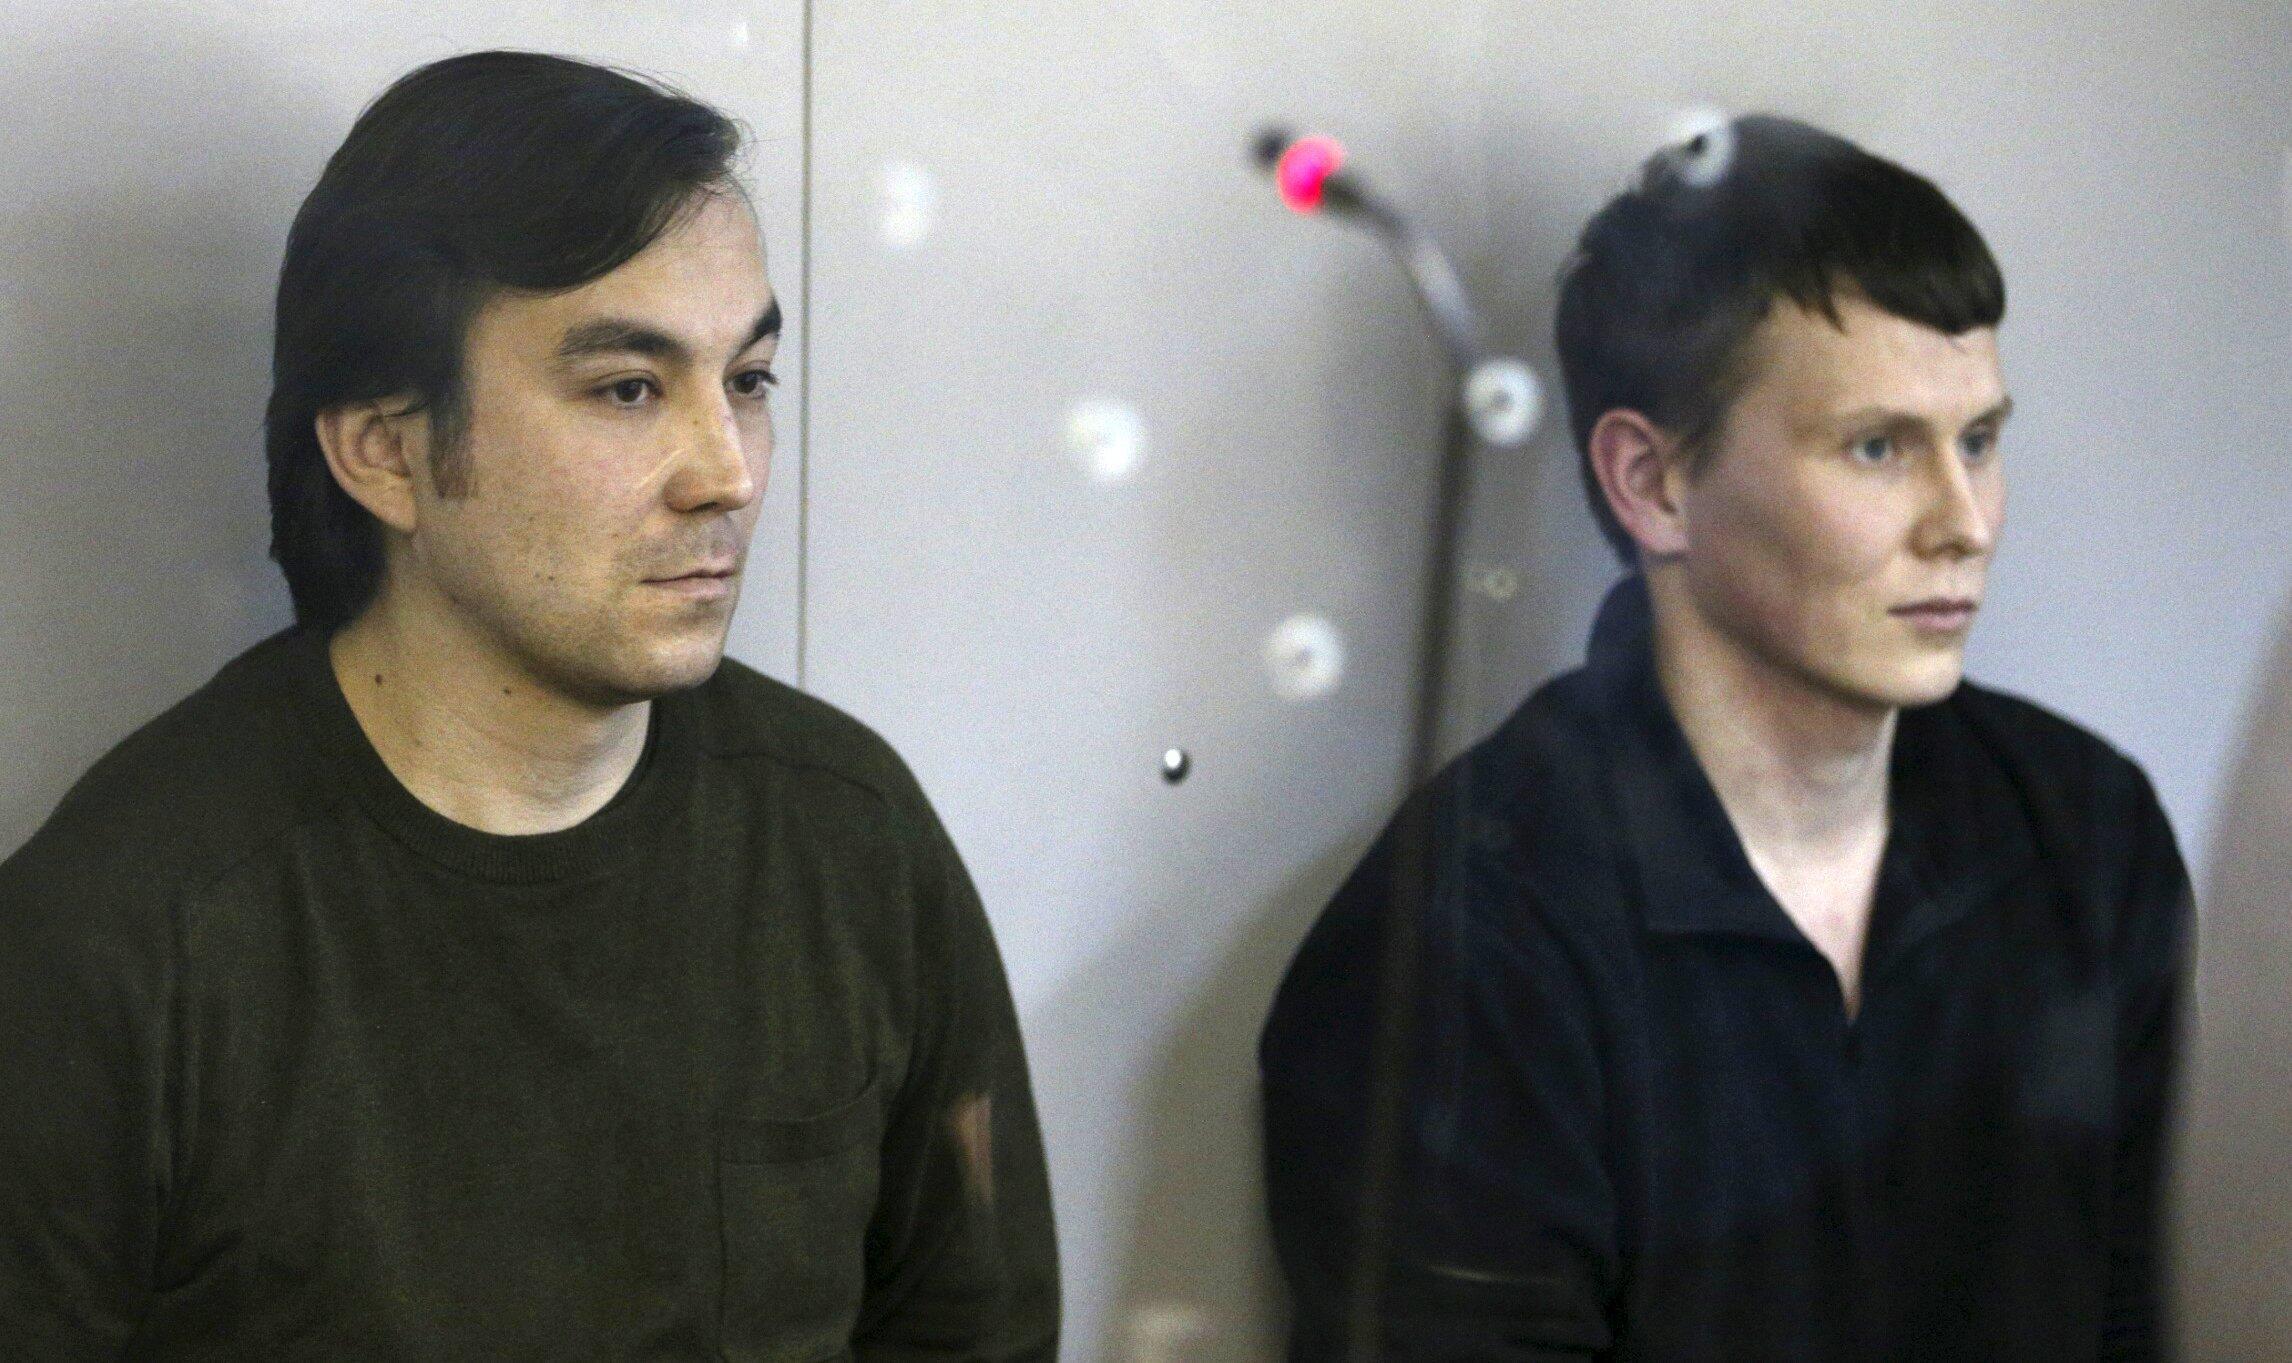 Россияне Александр Александров и Евгений Ерофеев на оглашении приговора в Голосеевском районном суде Киева, 18 апреля 2016 г.